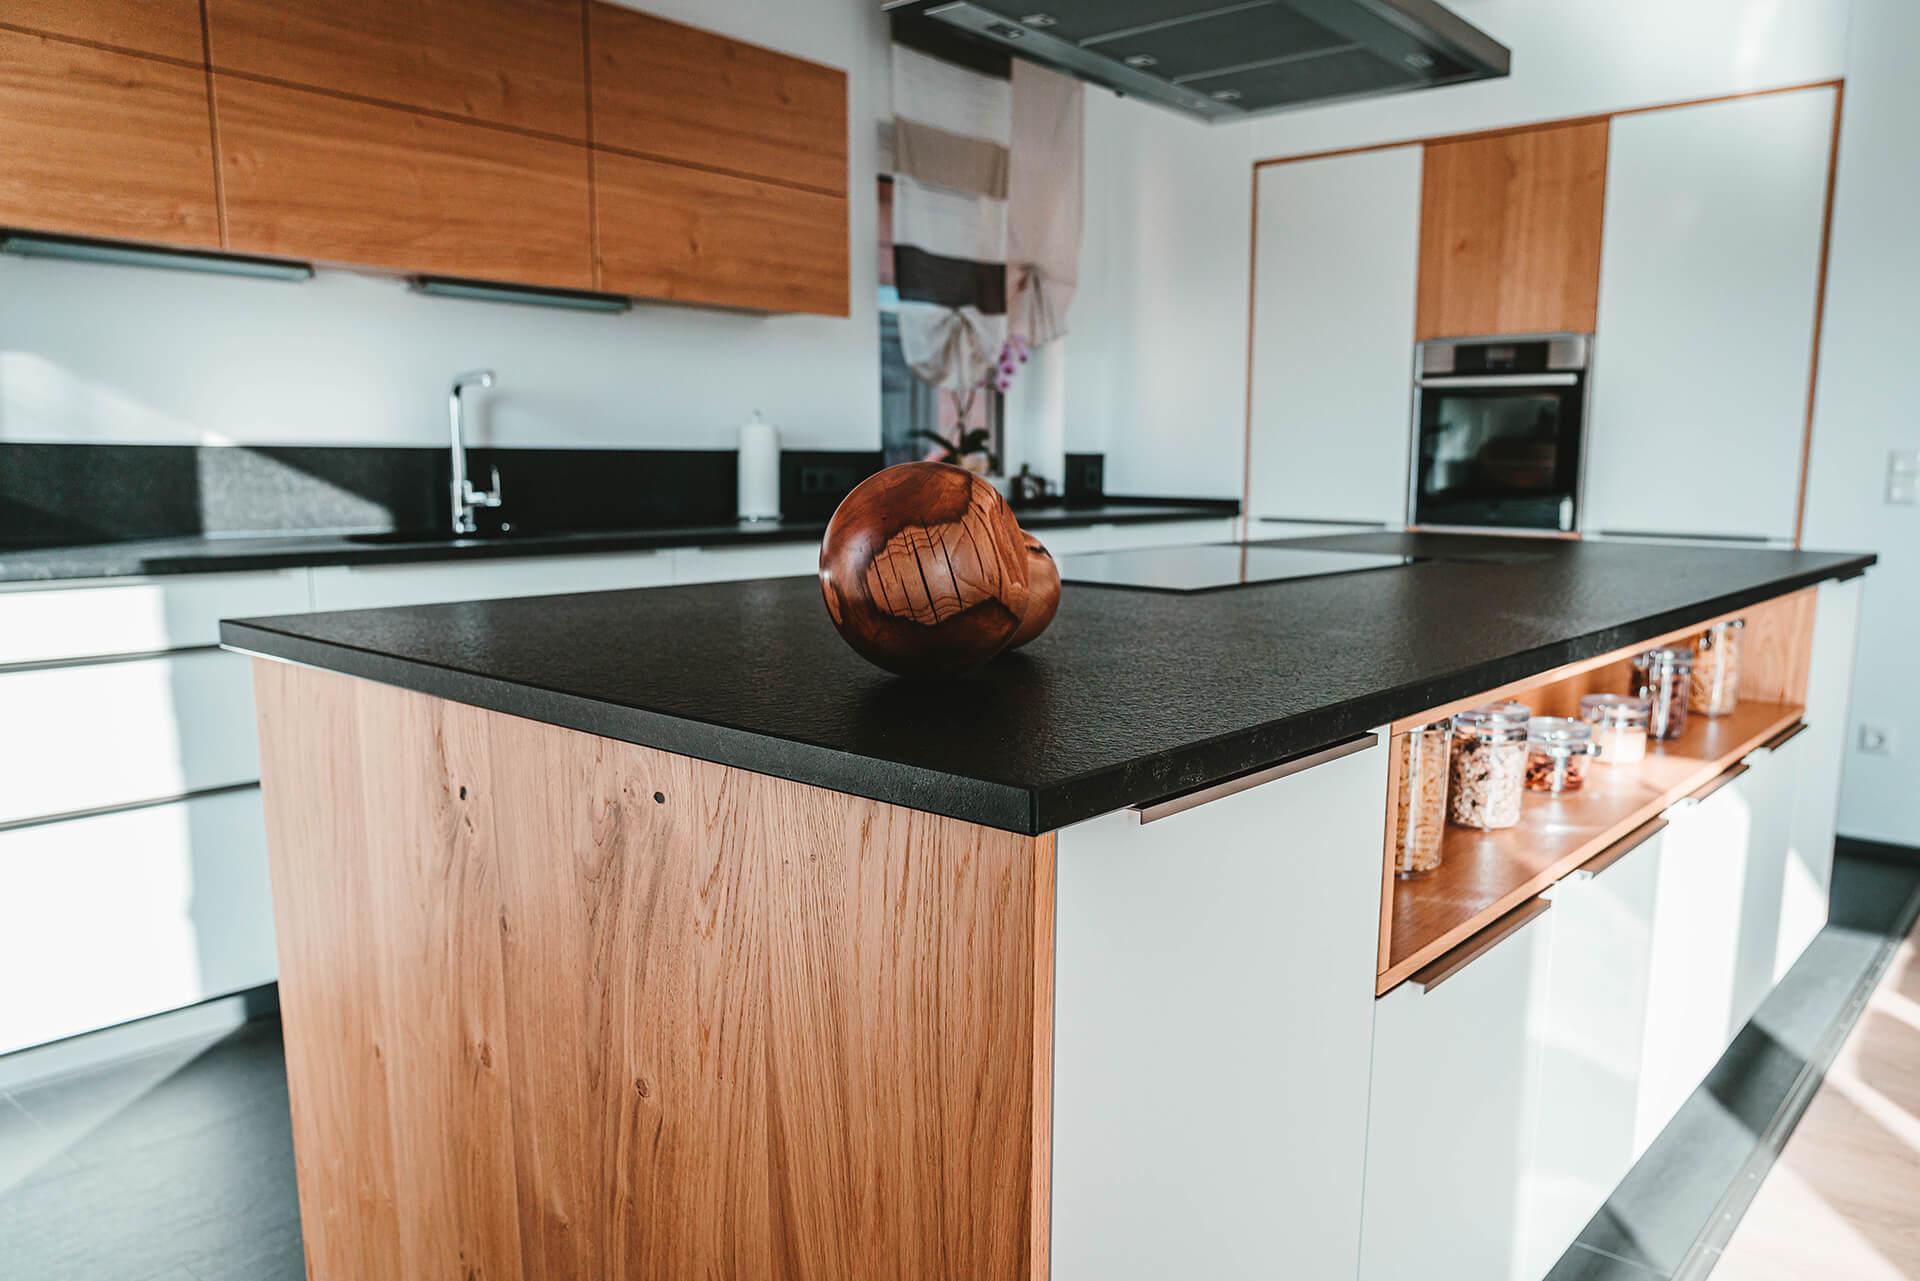 Natursteine Strobel - Küchenarbeitsplatte